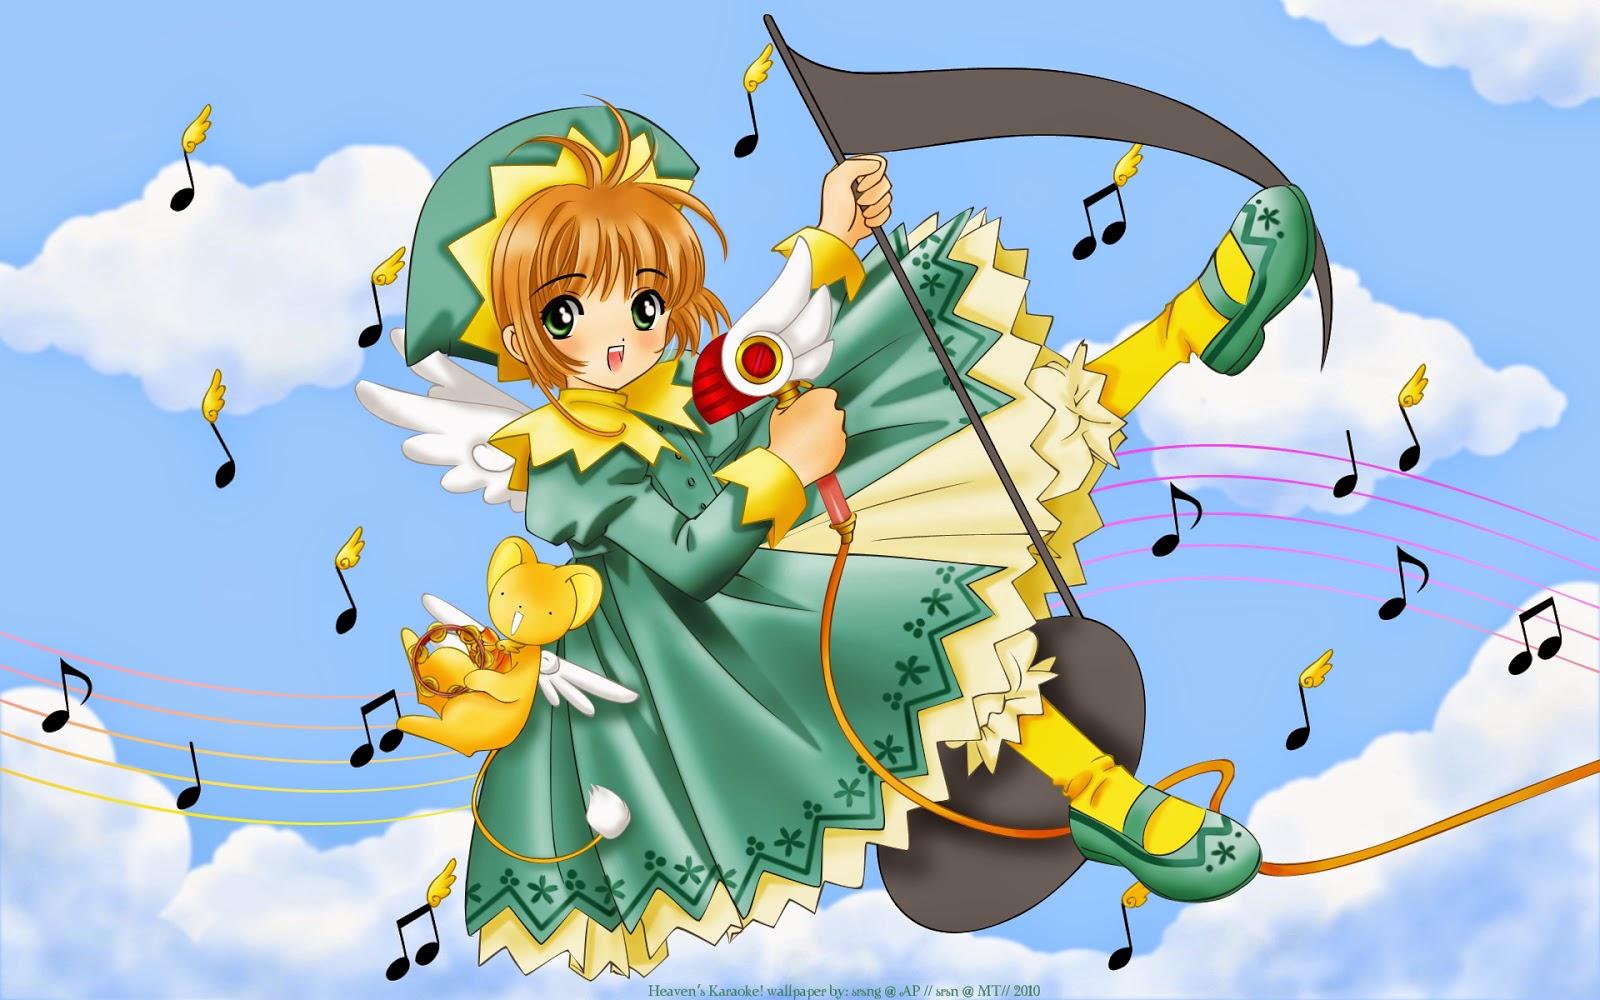 ... hinh-anh-de-thuong-cua-sakura-anime (11) ...